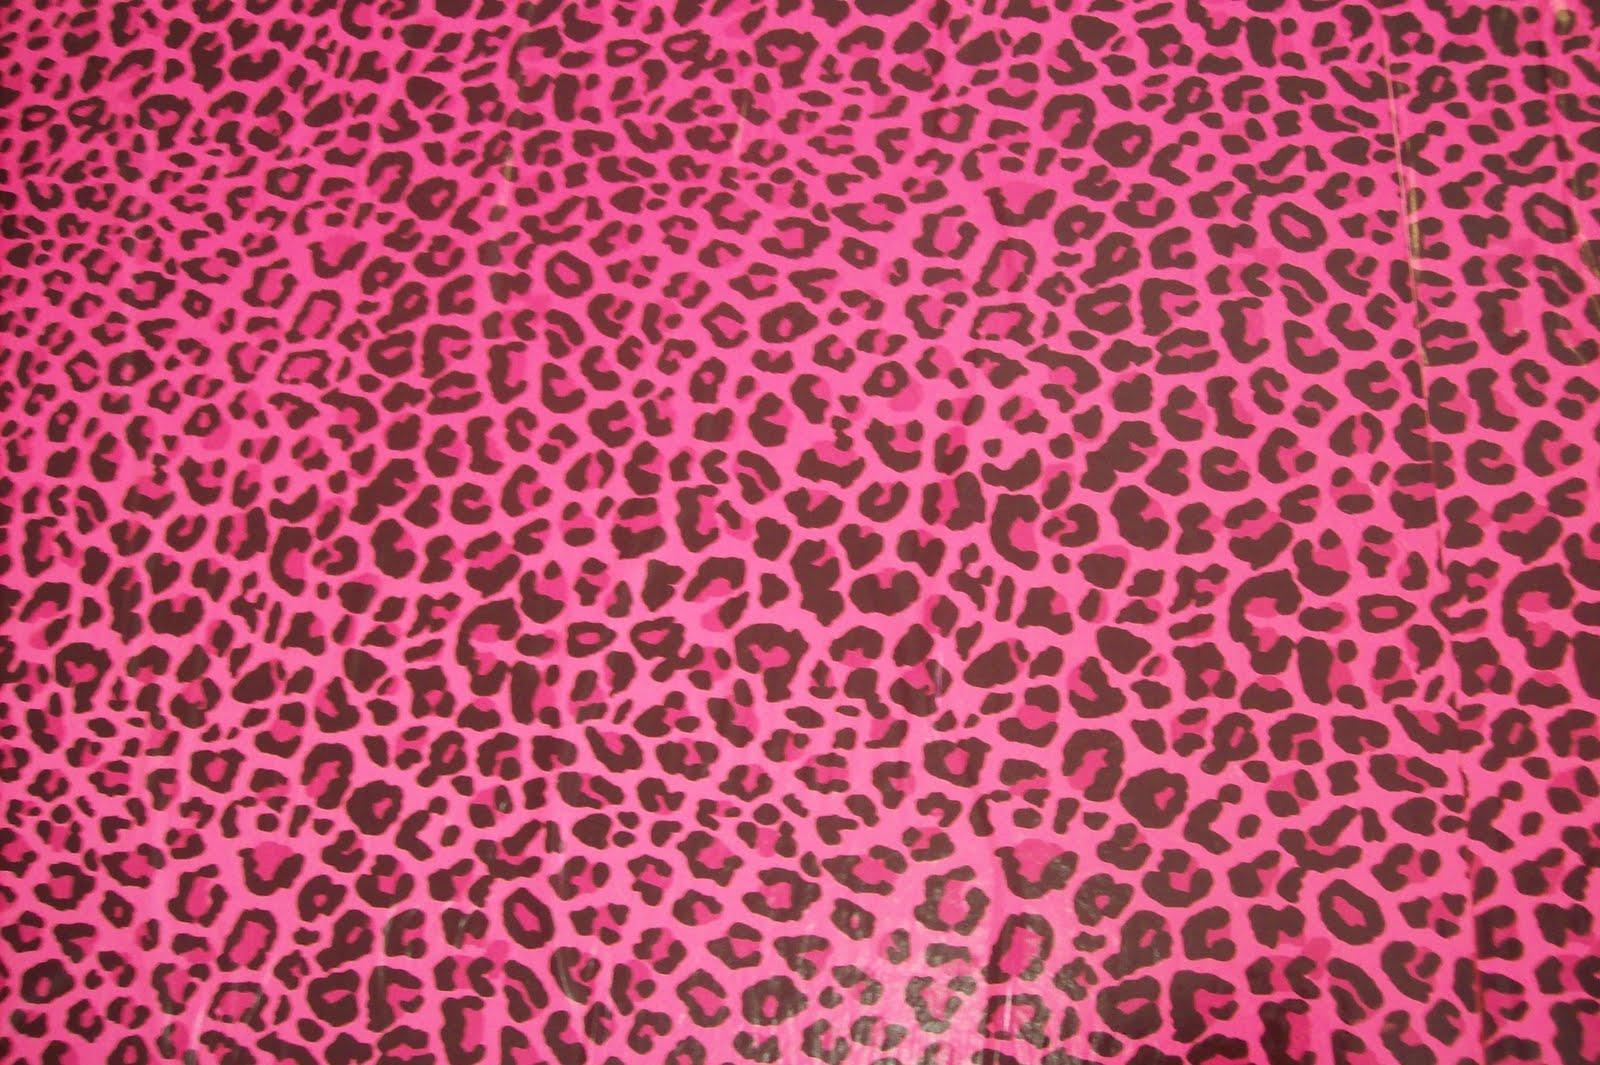 Marcadores cenário onça rosa papel de presente